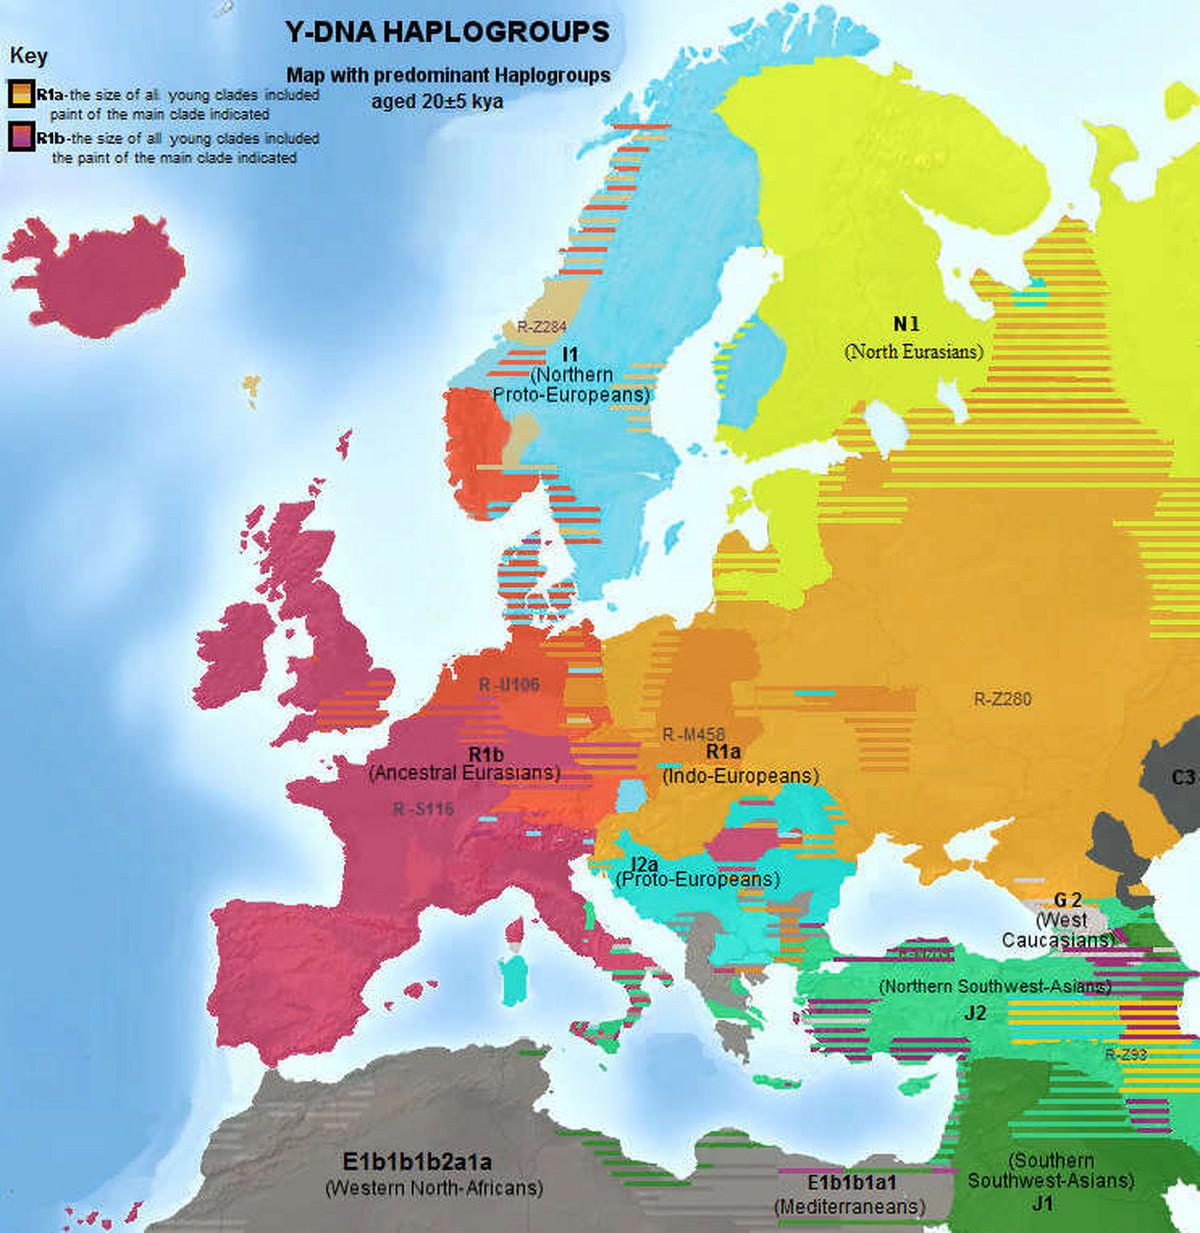 Da Se Mapa Evrope Temelji Na Jednoj Stvari Hrvati Srbi I Bosanci